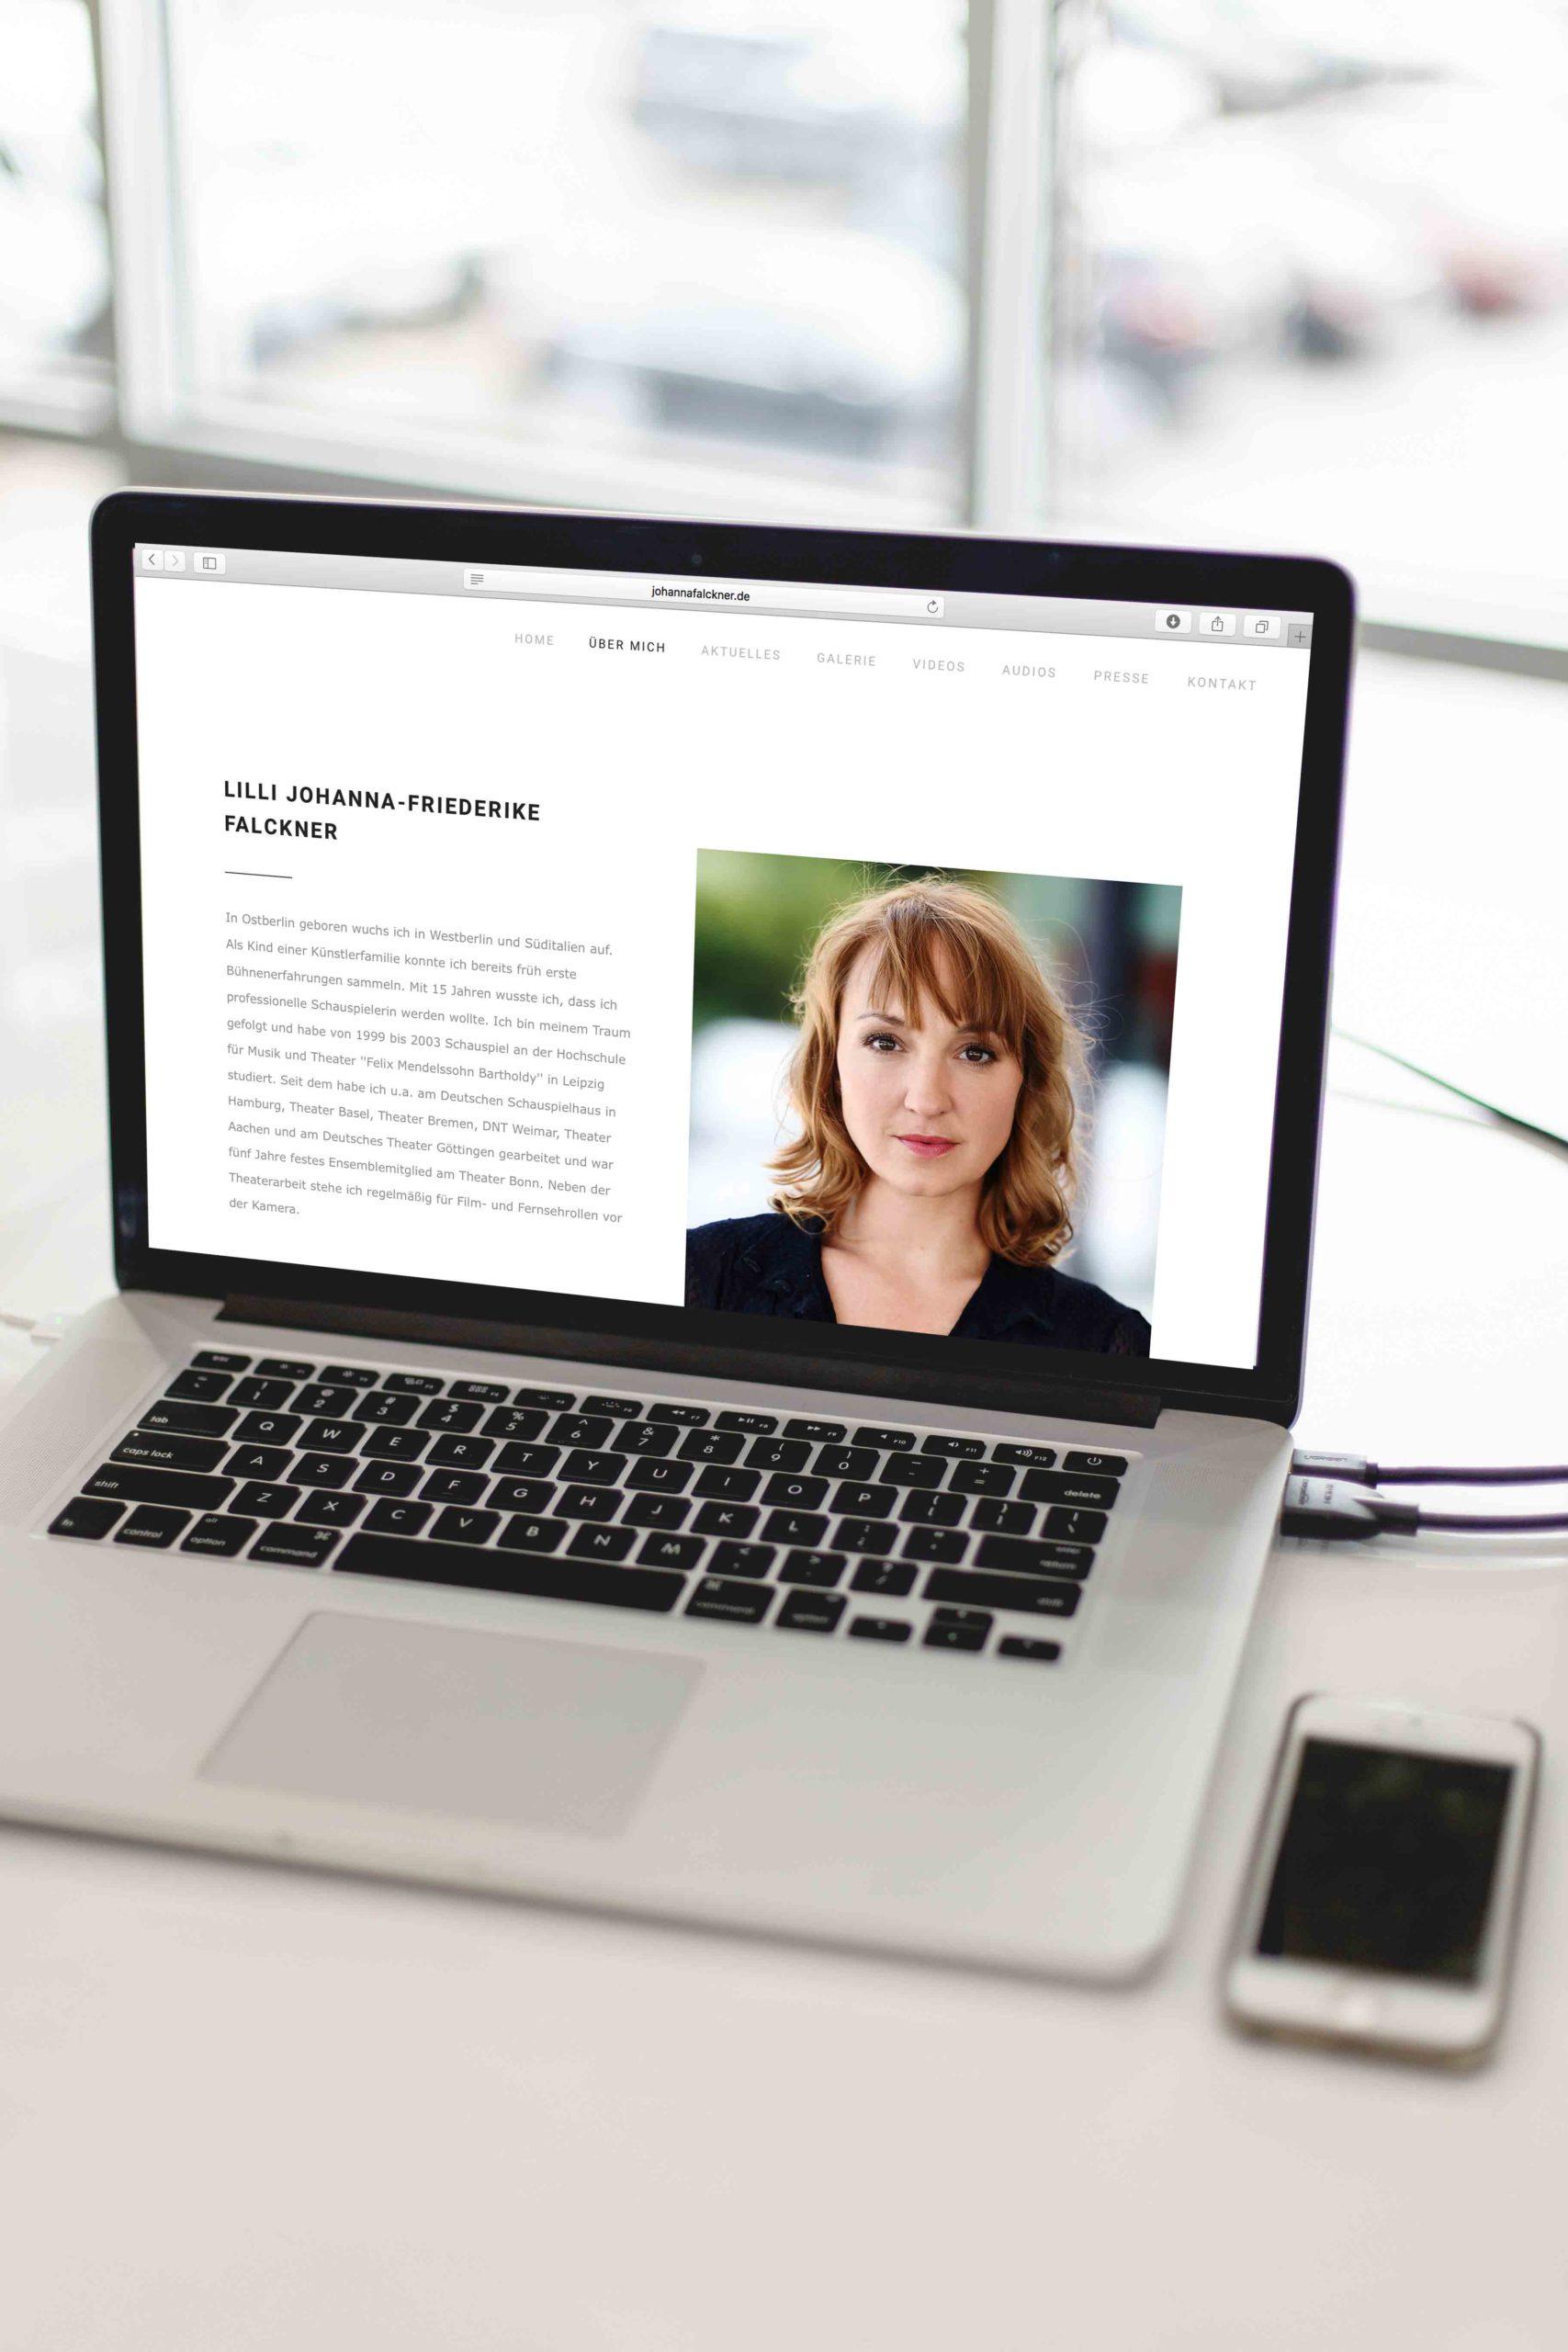 Johanna Falckner Ueber mich-Laptop